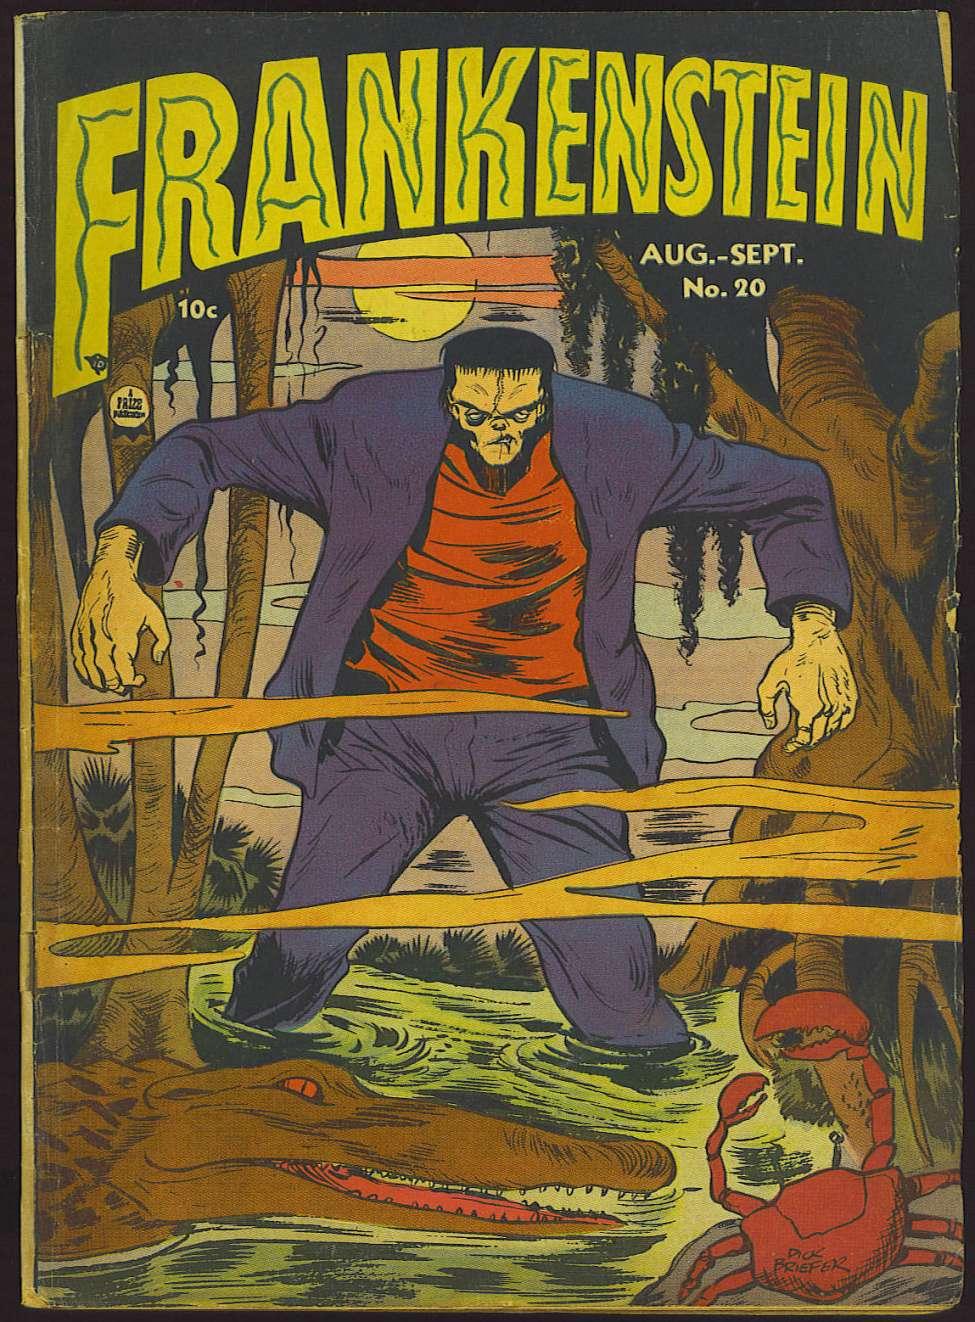 Comic Book Cover For Frankenstein v3 4 (20)